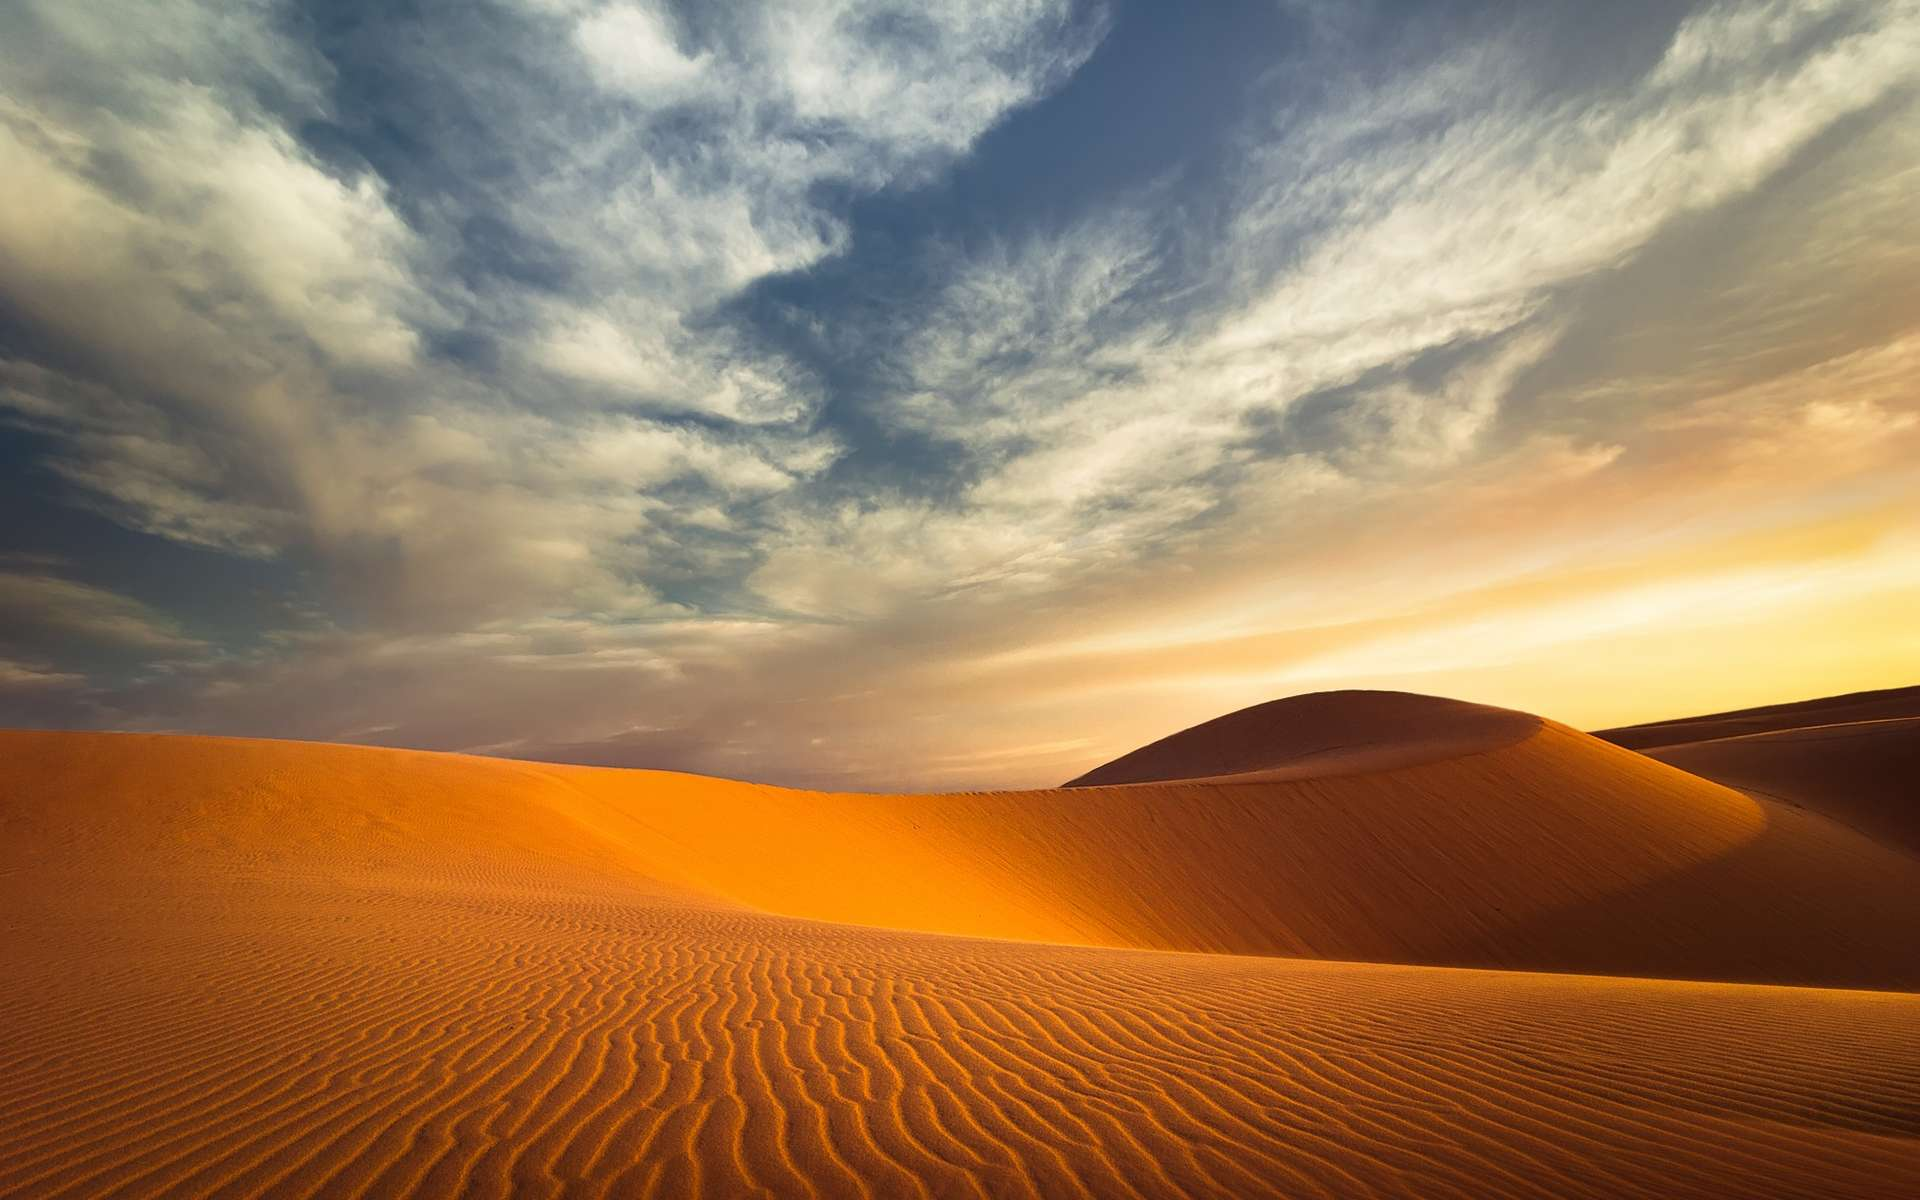 Les émissions de poussières sahariennes ont différents effets, sur la santé humaine mais aussi sur le climat. Ils sont eux-mêmes influencés par de grands phénomènes météorologiques à l'échelle de la planète, comme El Niño. © Perfect Lazybones, Shutterstock